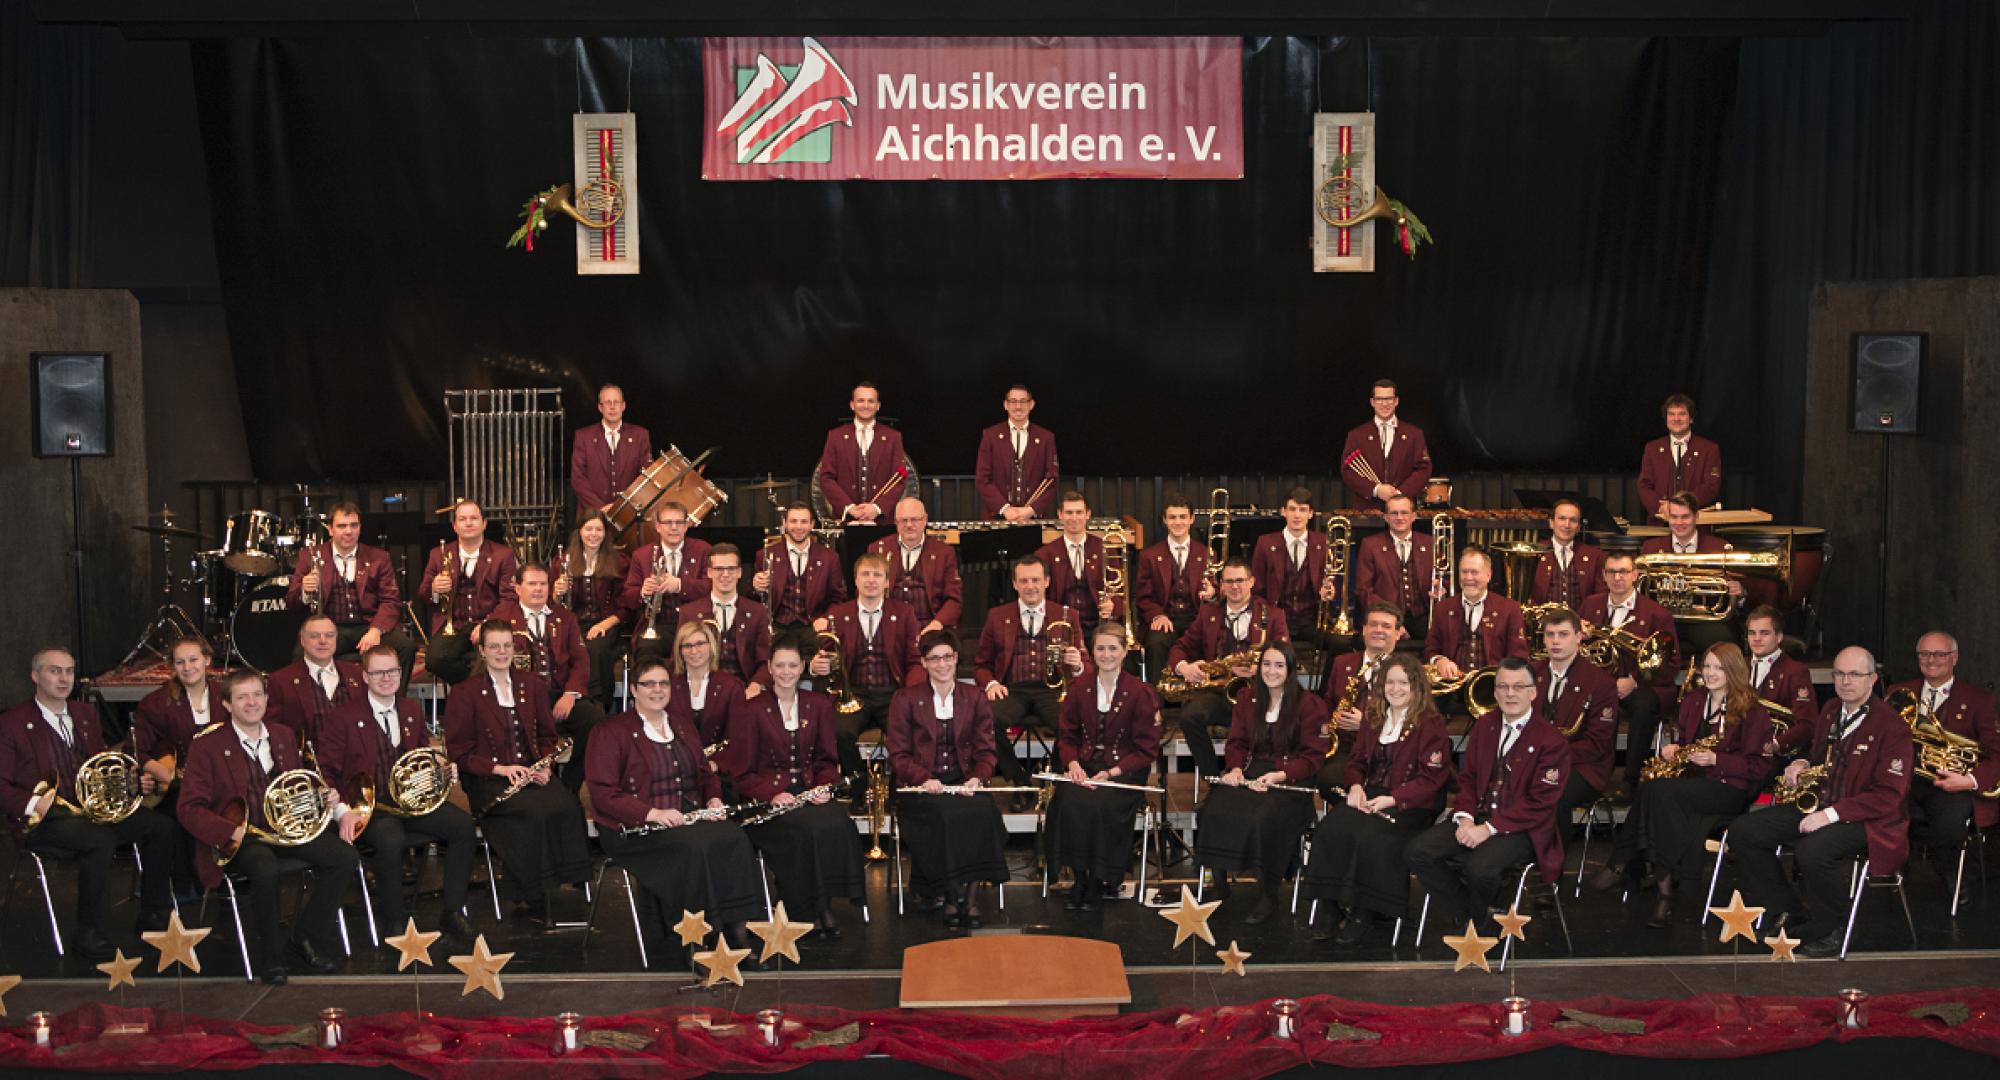 Musikverein Aichhalden